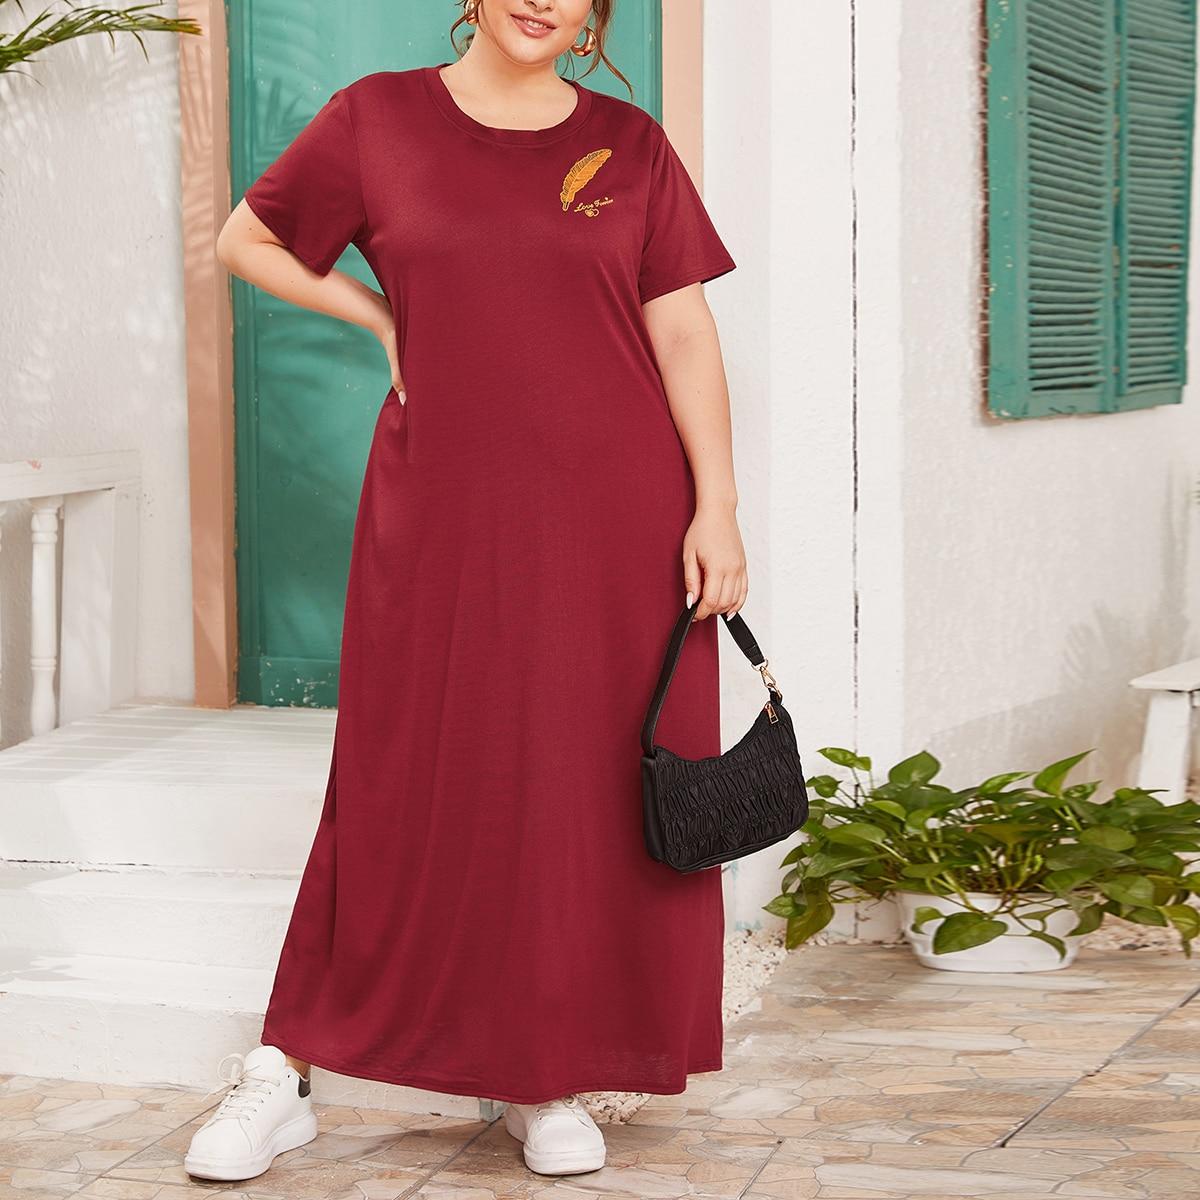 Бордовый Этнический Повседневный Платья размер плюс фото